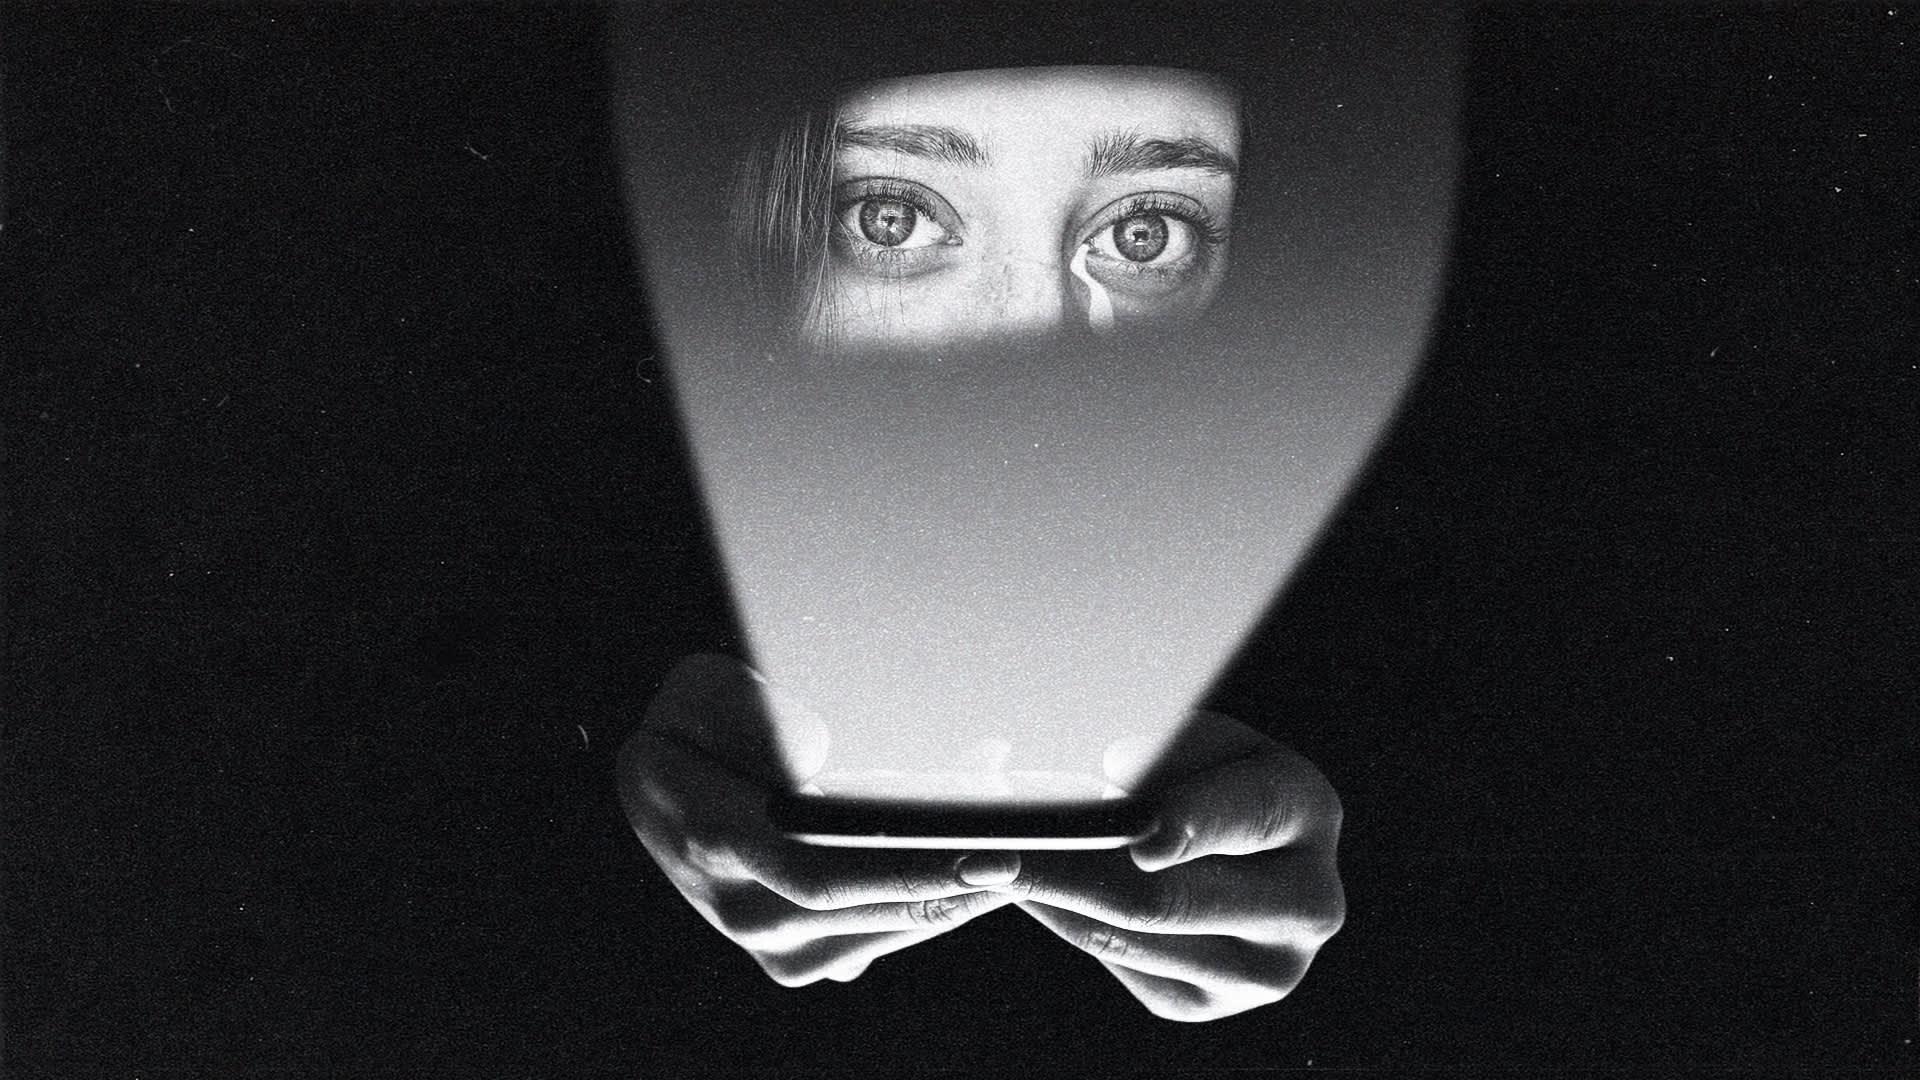 Kuvamanipulaatiossa naisen kasvot kännykän näytön heijastuksessa.